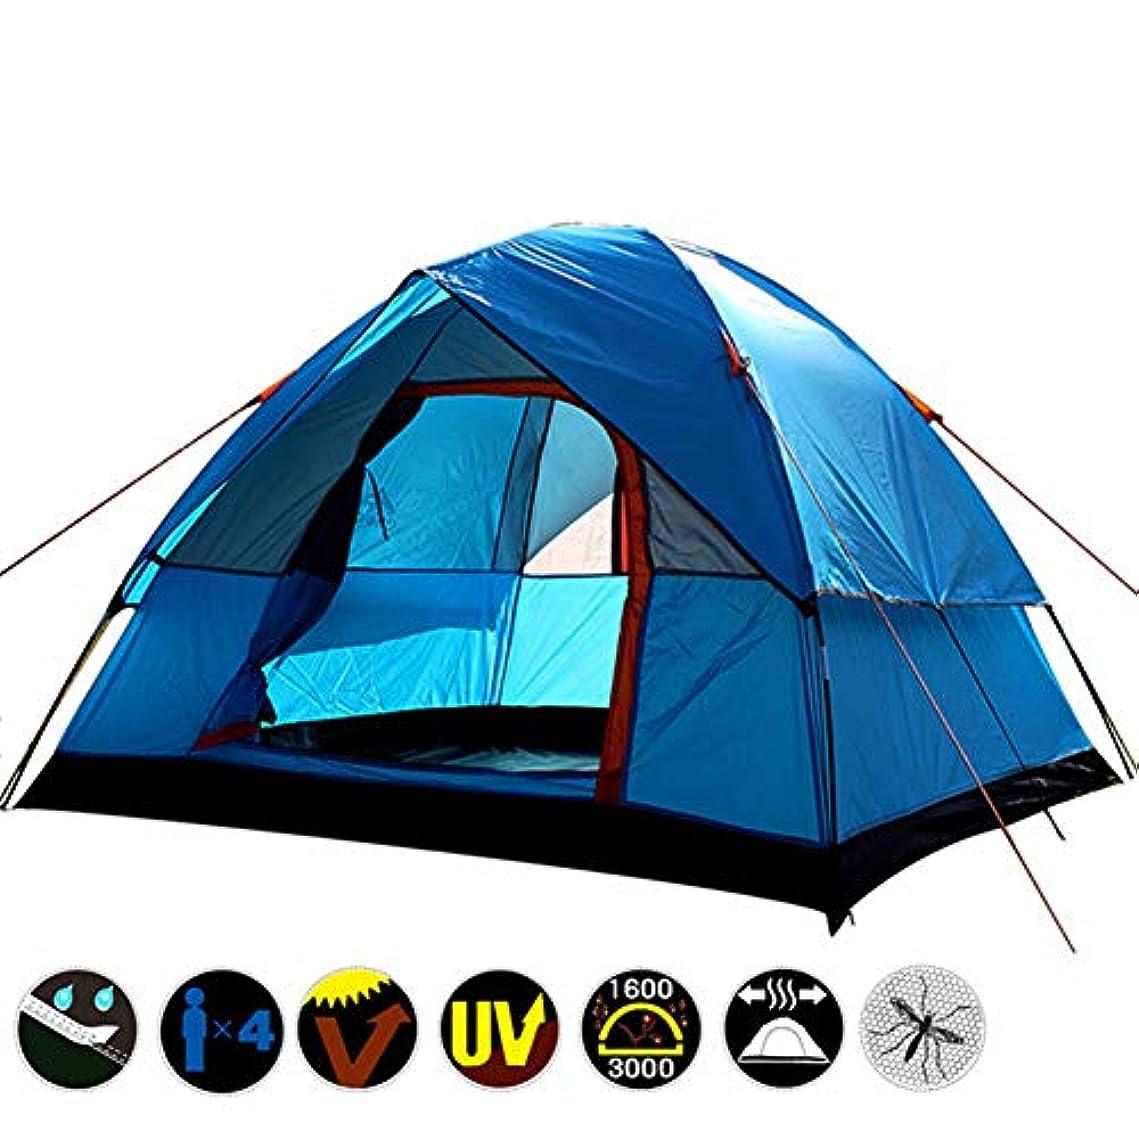 バレルパトワワーディアンケース2-3 人キャンプテント、ドームテント抗 UV バックパックテントハイキング旅行ピクニックビーチ屋外-センター高さ51in,B